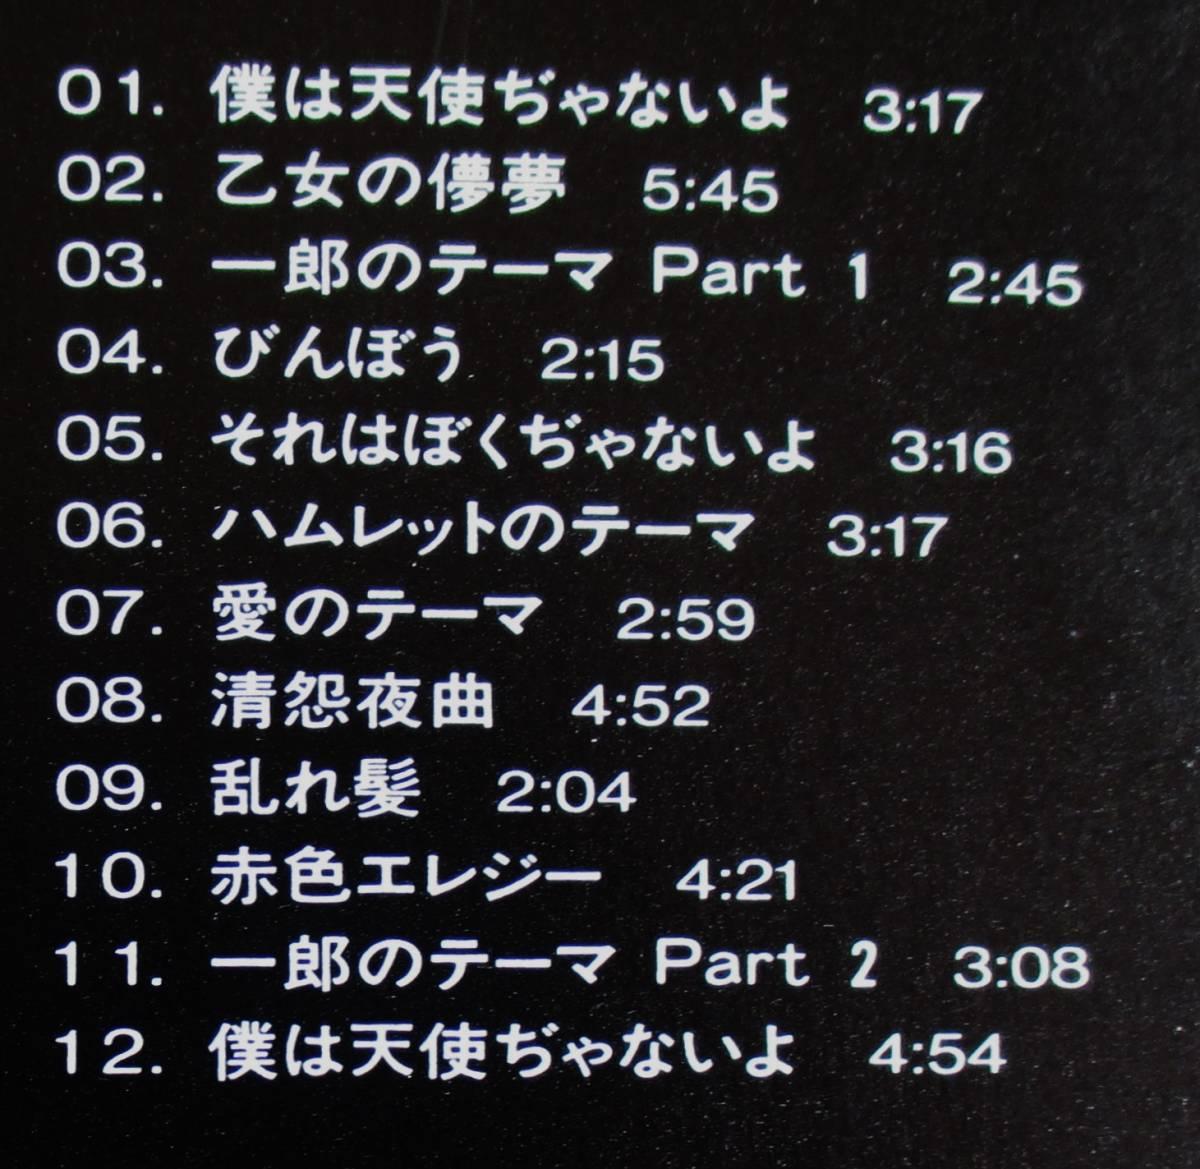 【帯付CD】あがた森魚 / 僕は天使ぢゃないよ→大瀧詠一・ティンパンアレー・ 鈴木茂 ・細野晴臣 _画像4